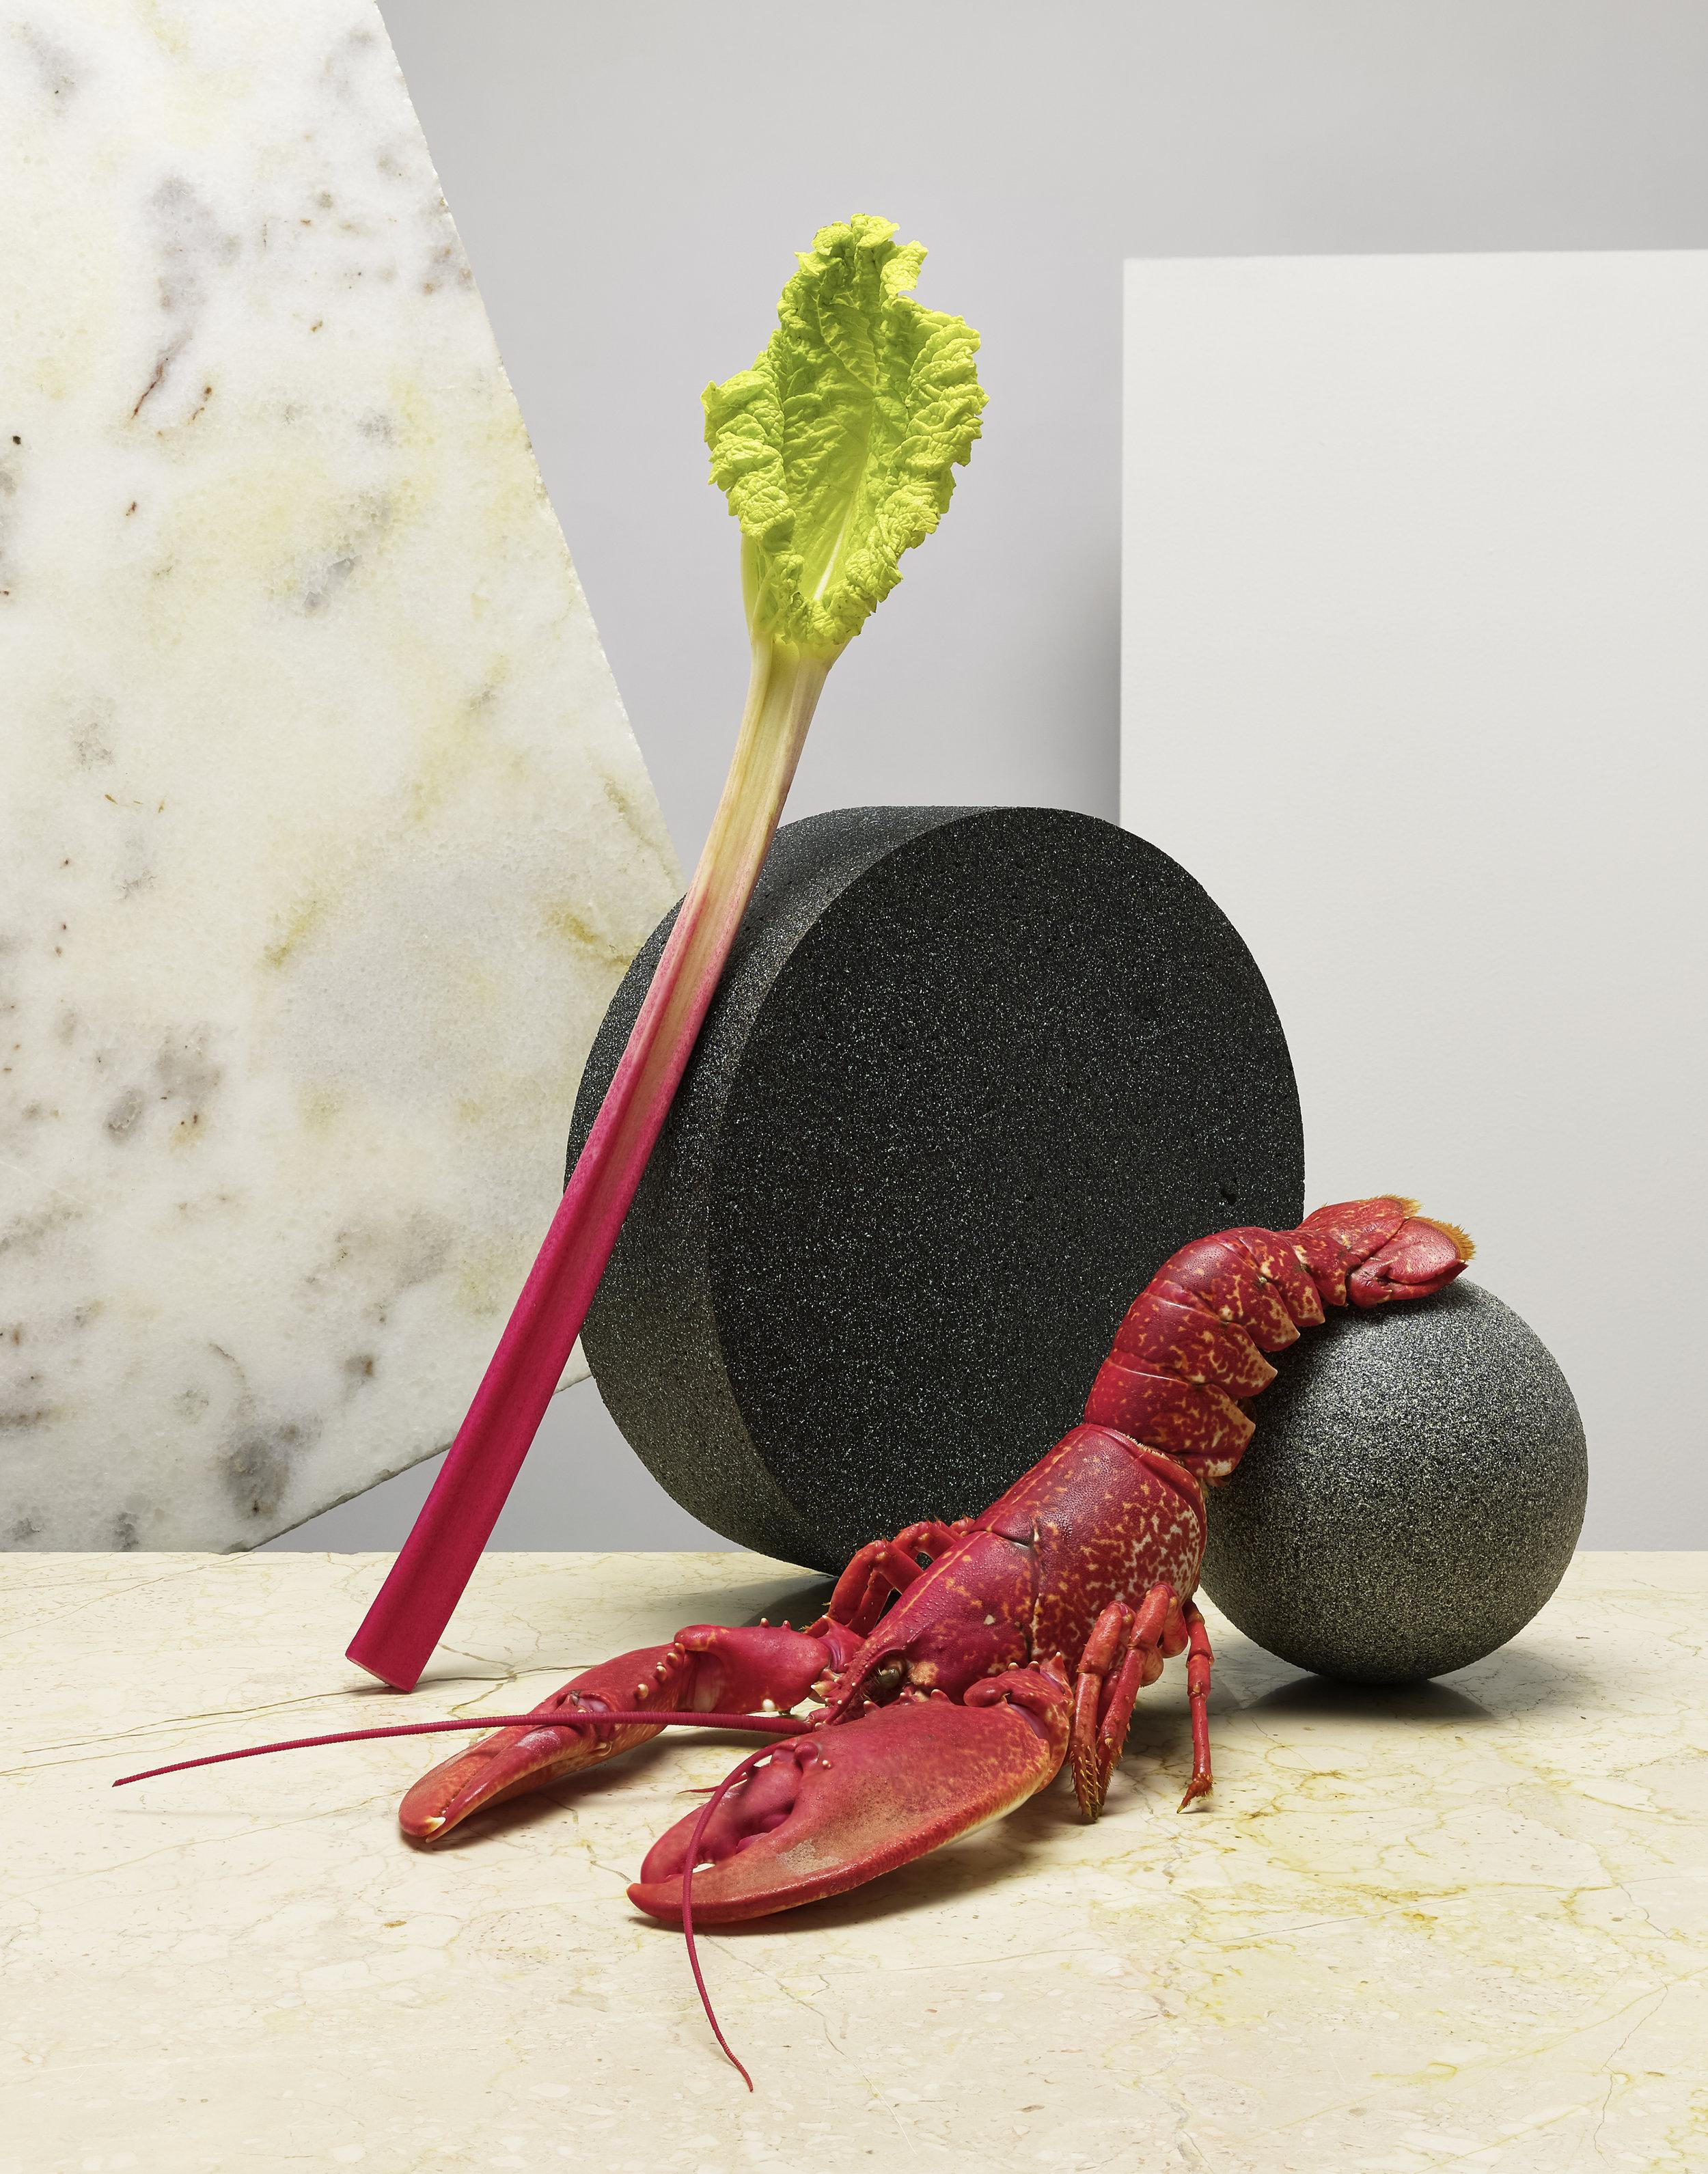 Norway Lobster 11x14 RET.jpg